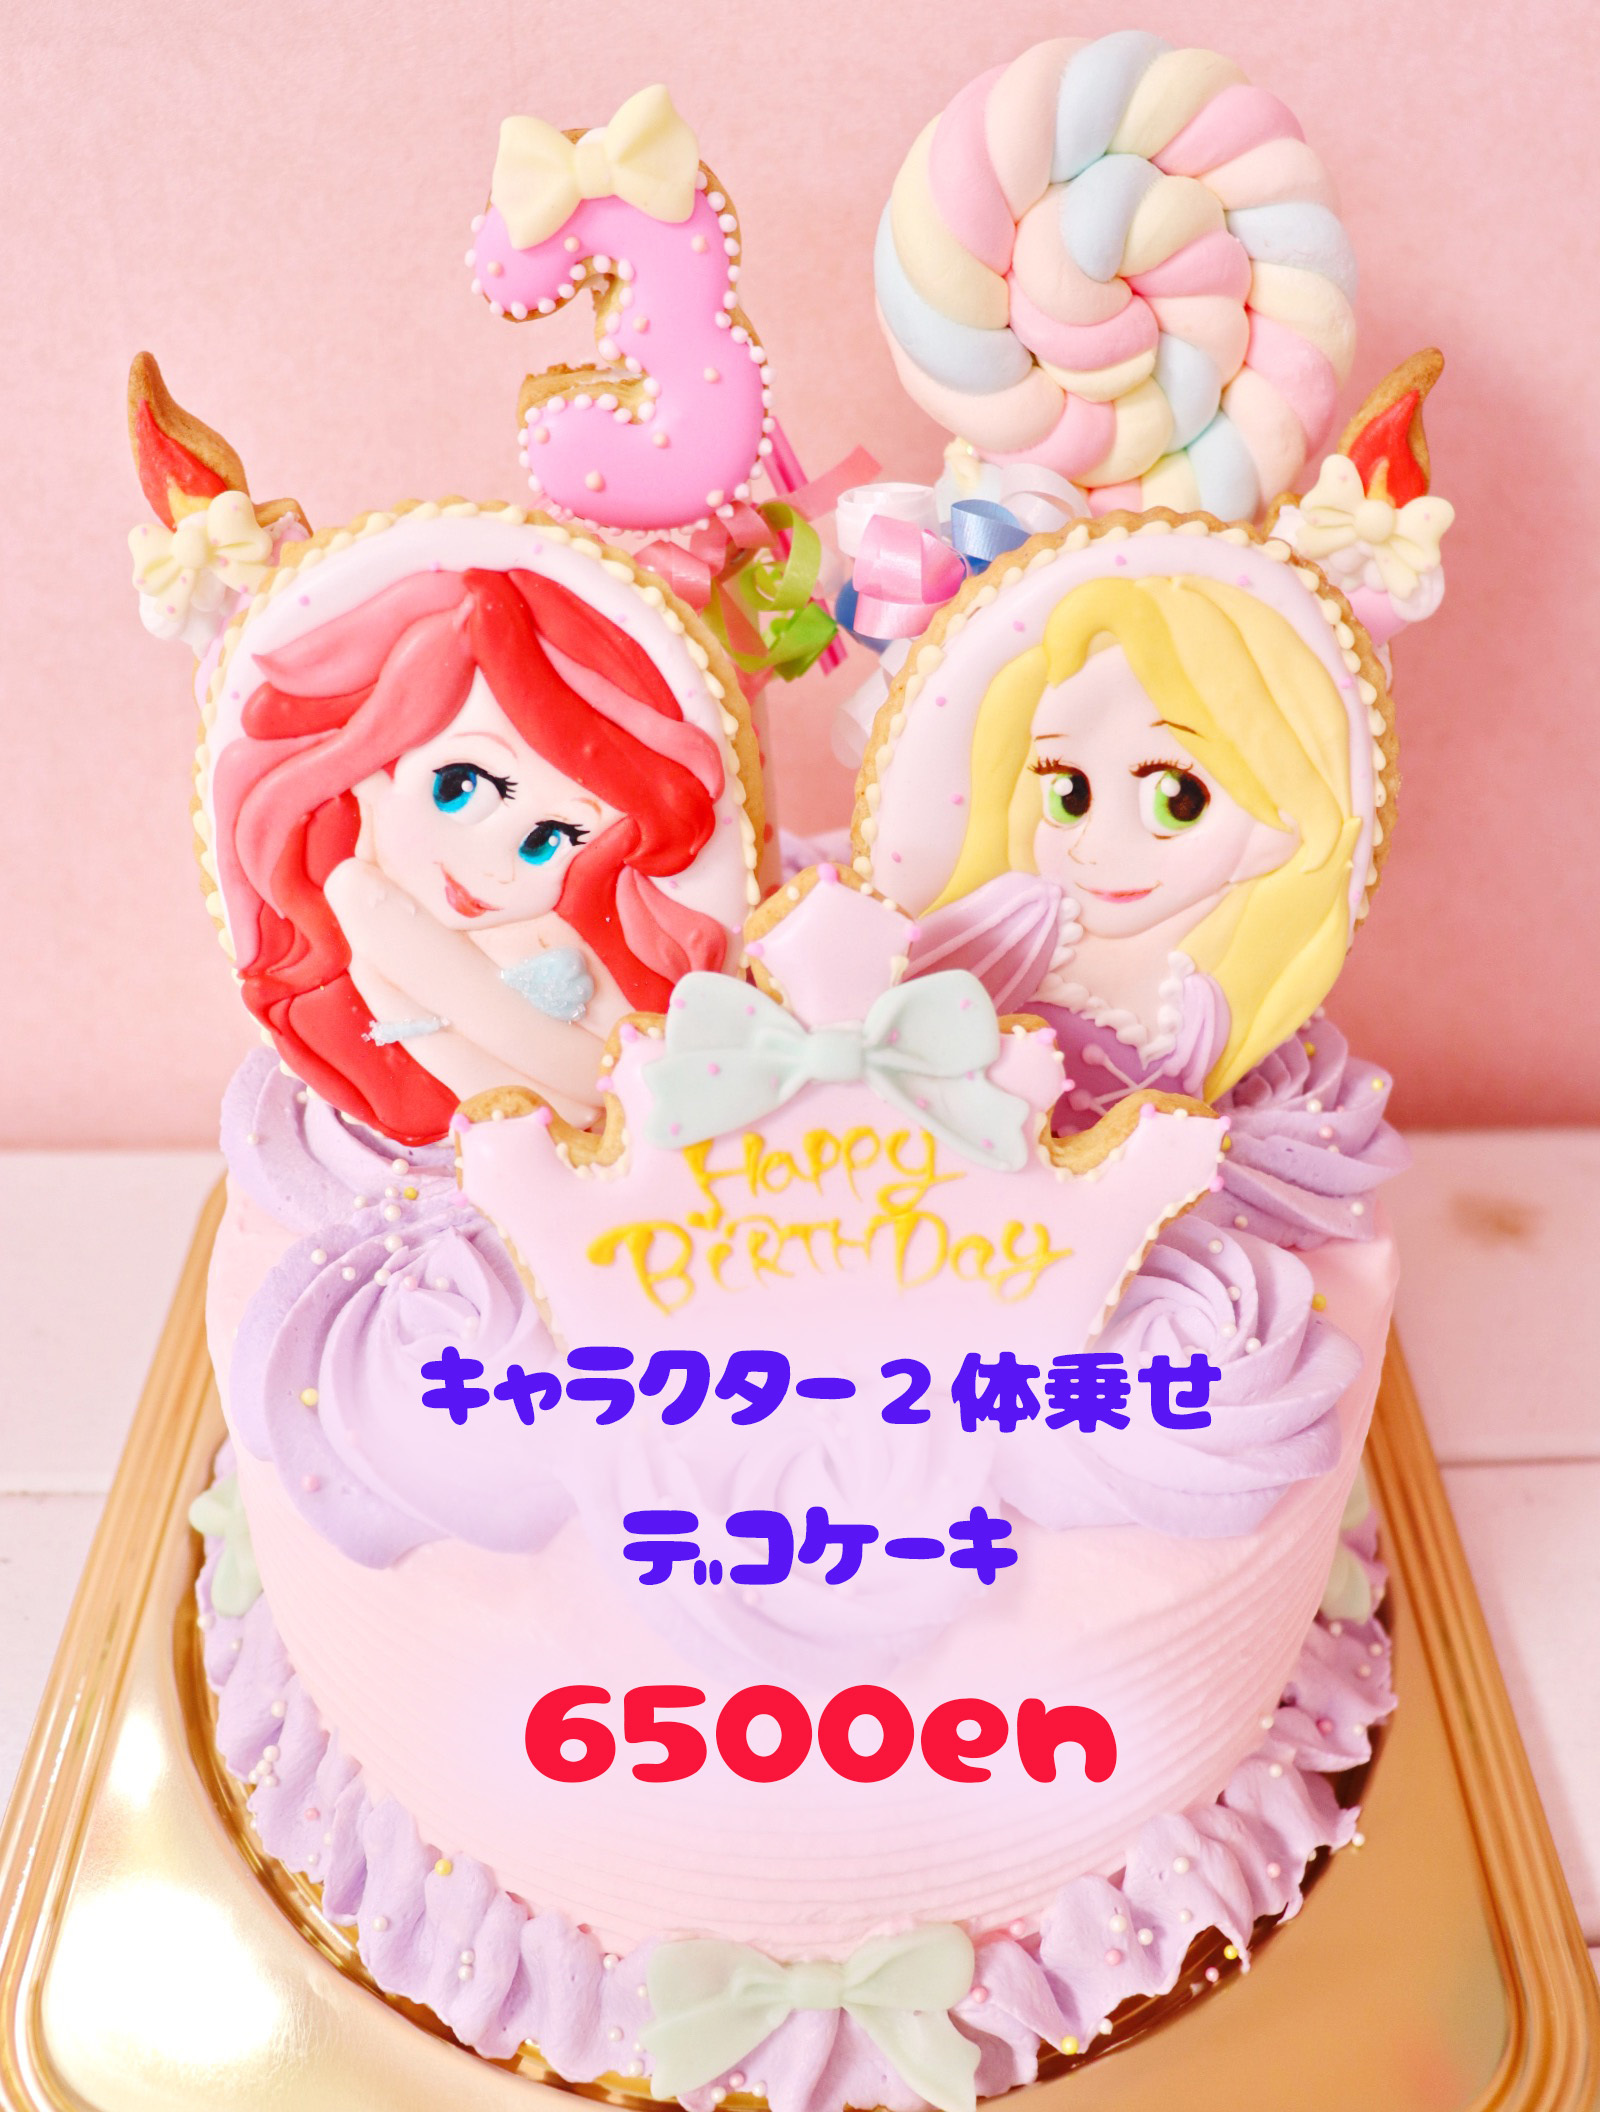 【10月1日〜31日分】キャラクター2体乗せセミオーダーケーキ